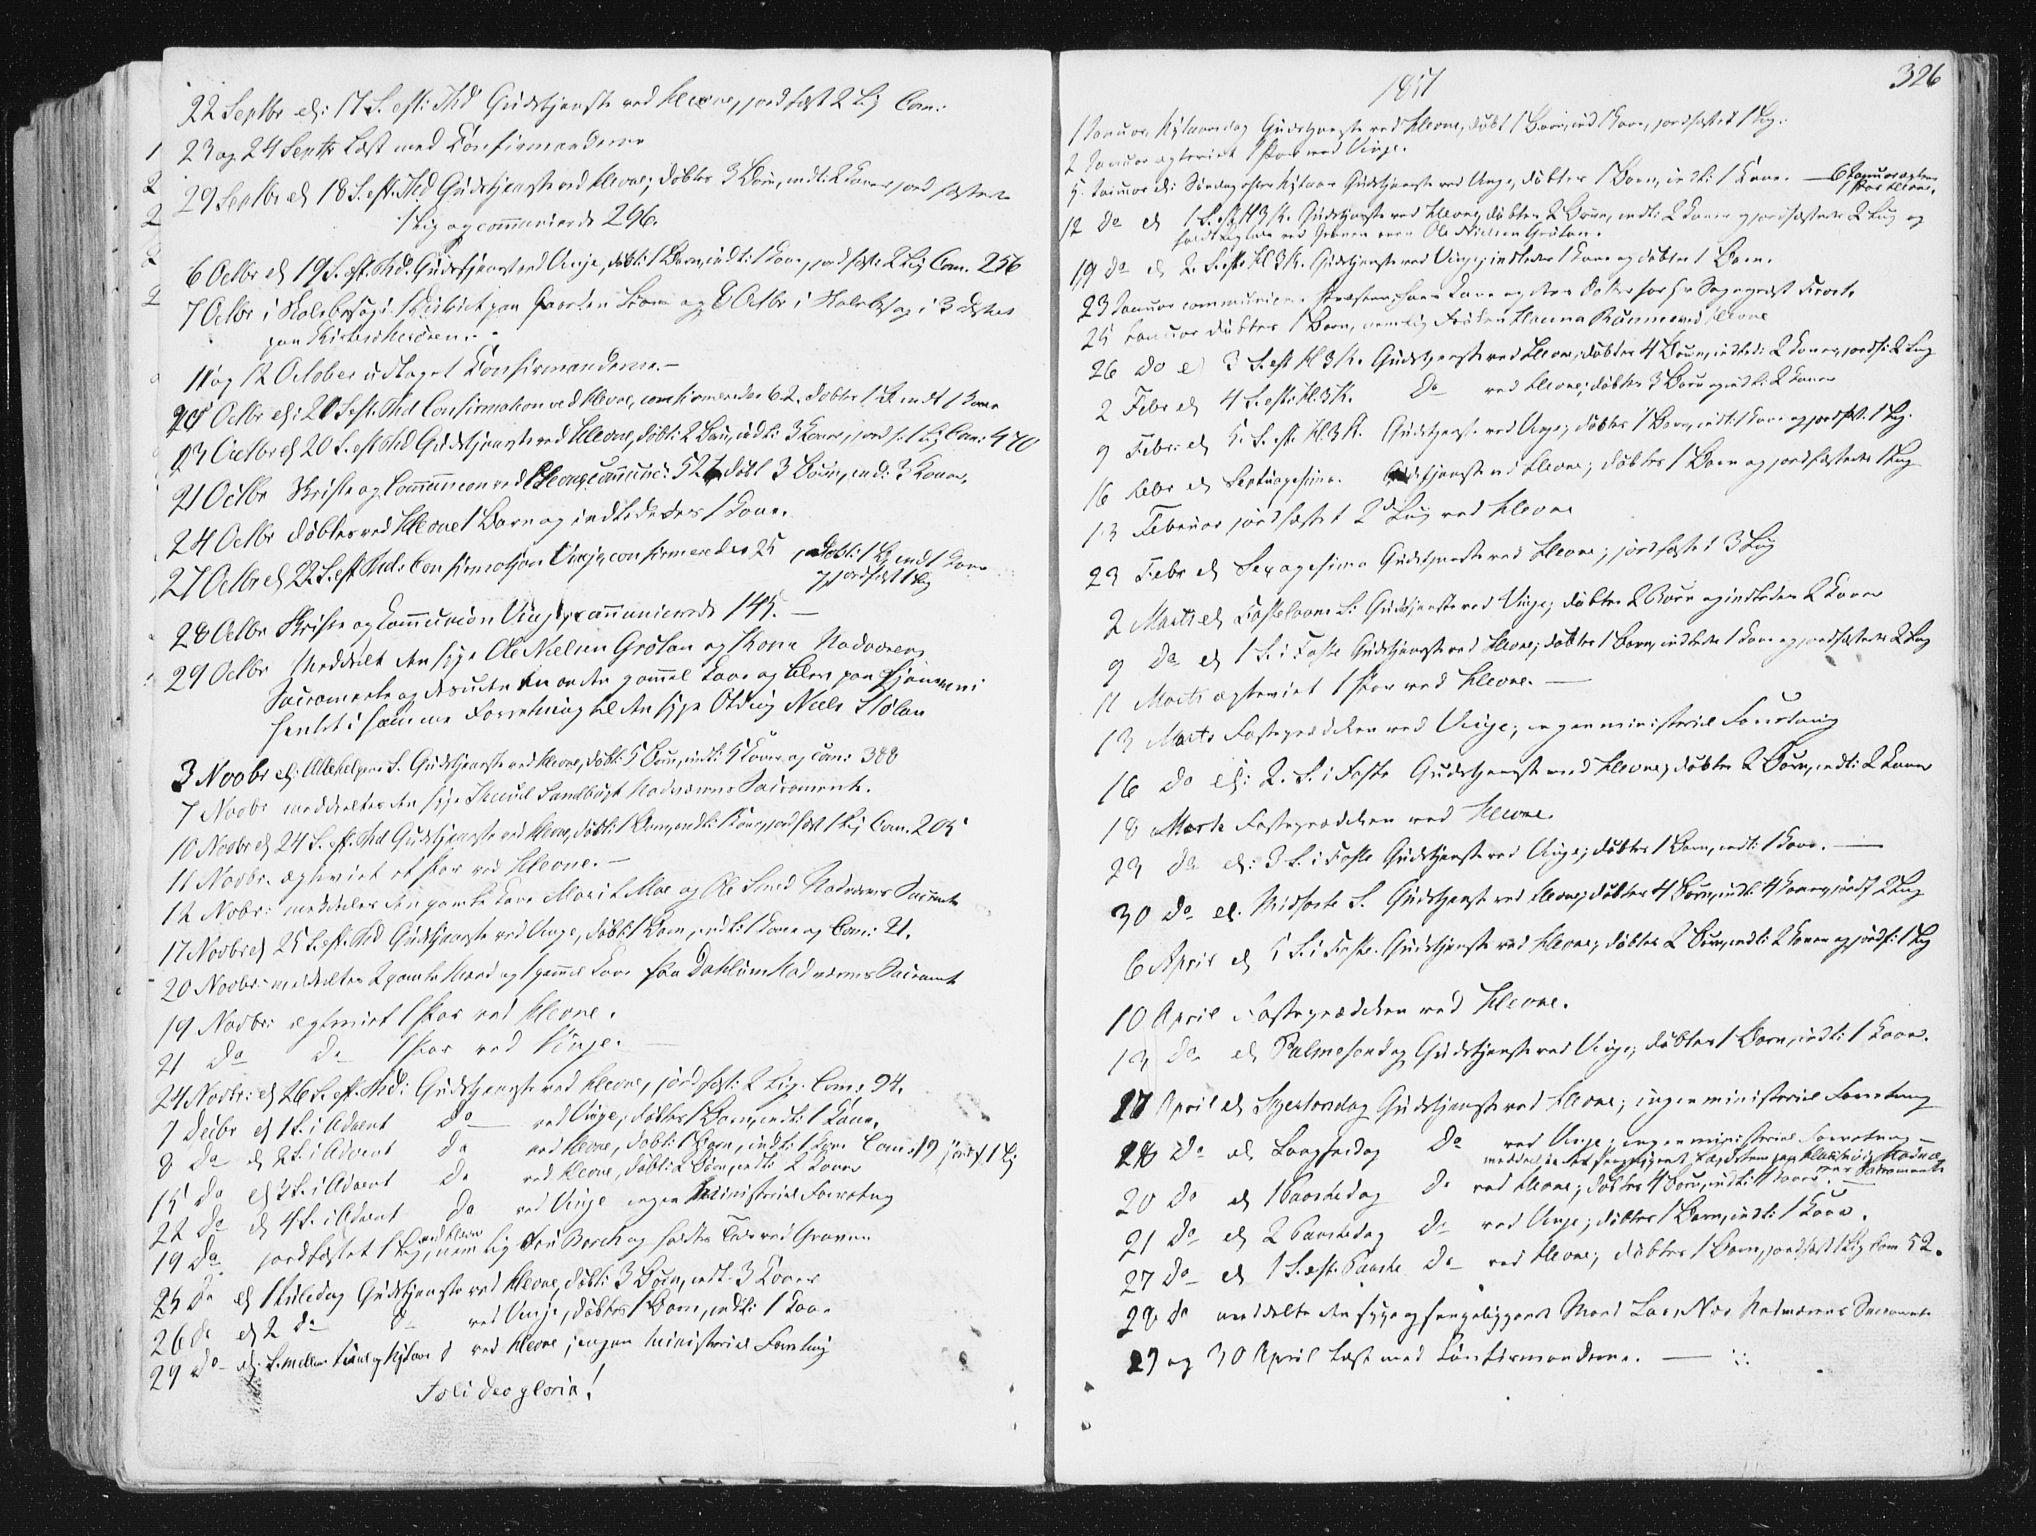 SAT, Ministerialprotokoller, klokkerbøker og fødselsregistre - Sør-Trøndelag, 630/L0493: Ministerialbok nr. 630A06, 1841-1851, s. 326